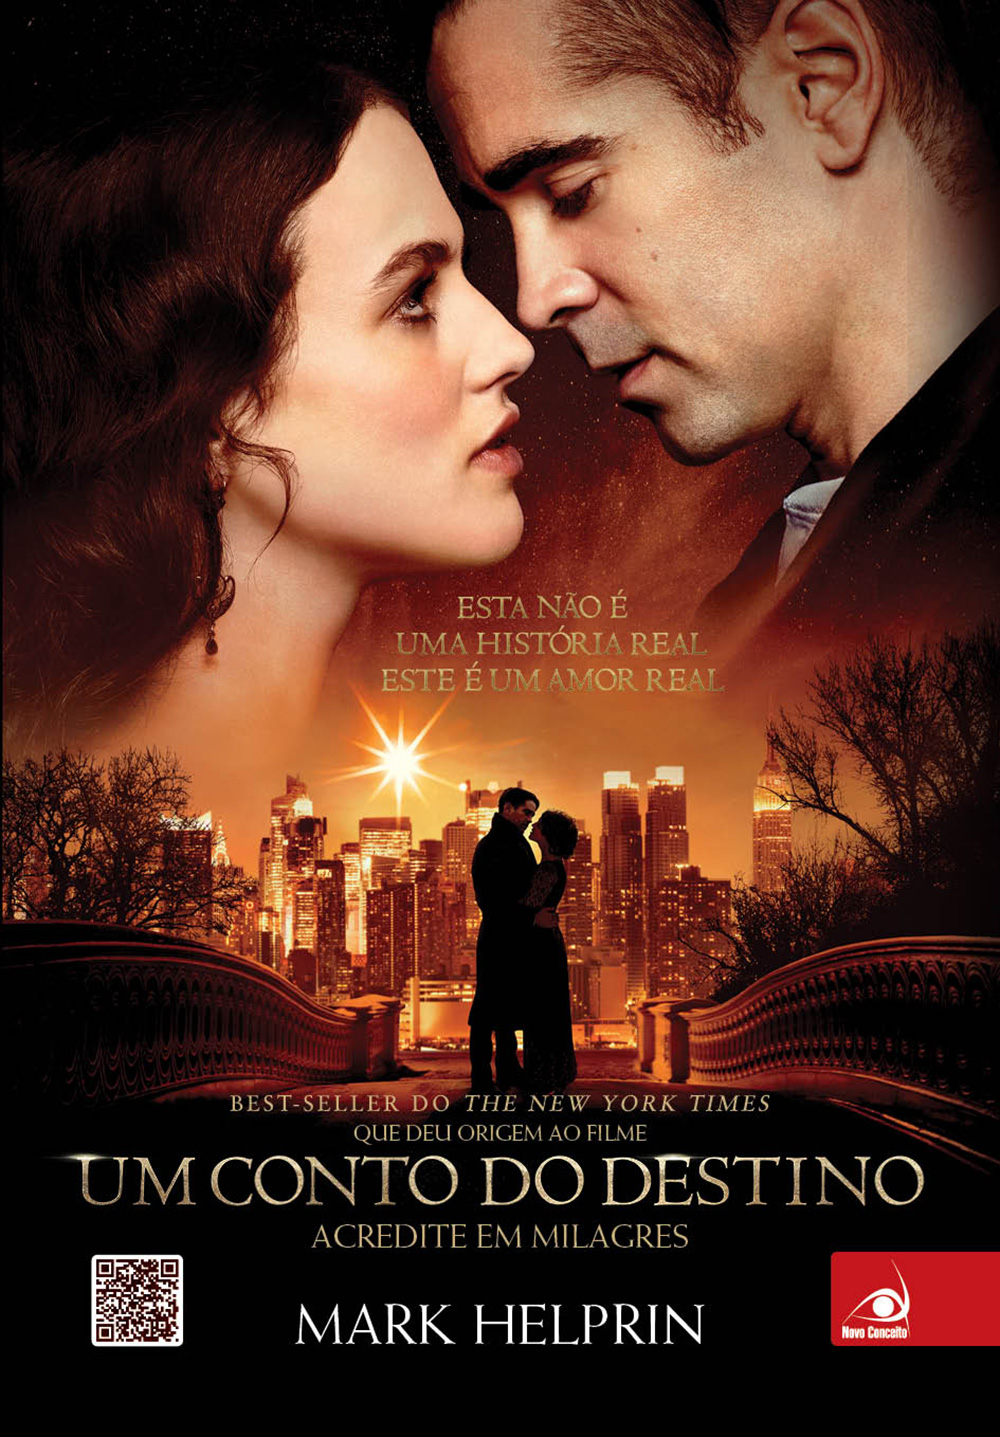 Amantes do cinema | Um conto do destino